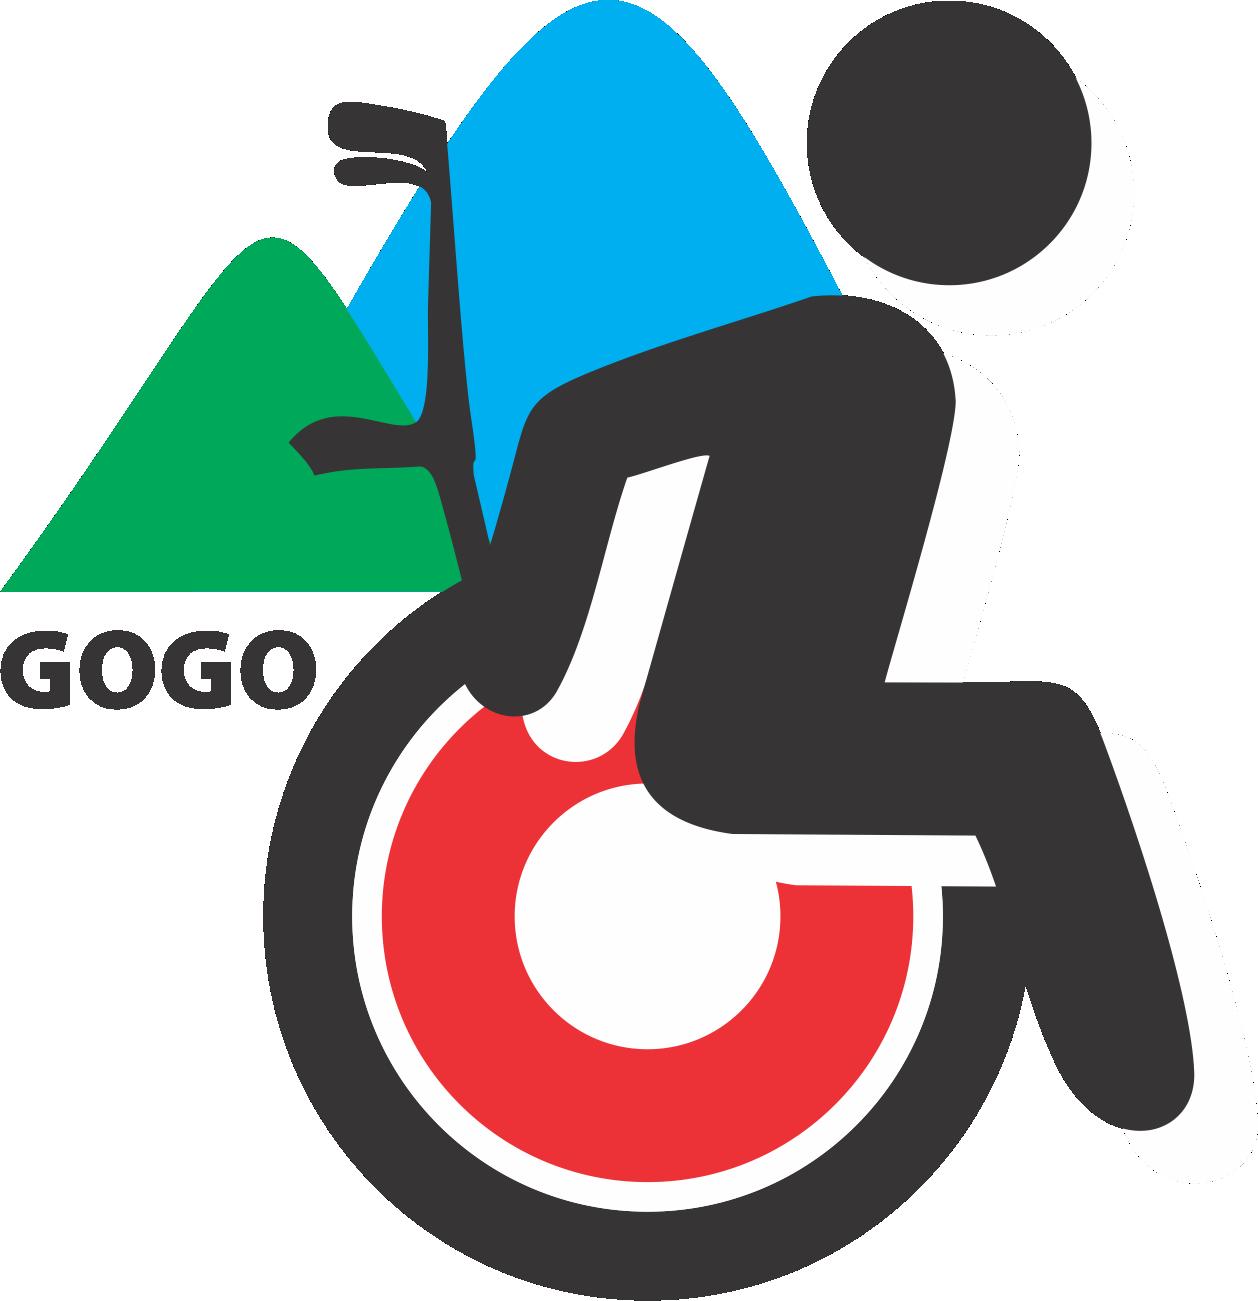 GOGO_logo_1_pozitiv_transparenten_GOGO